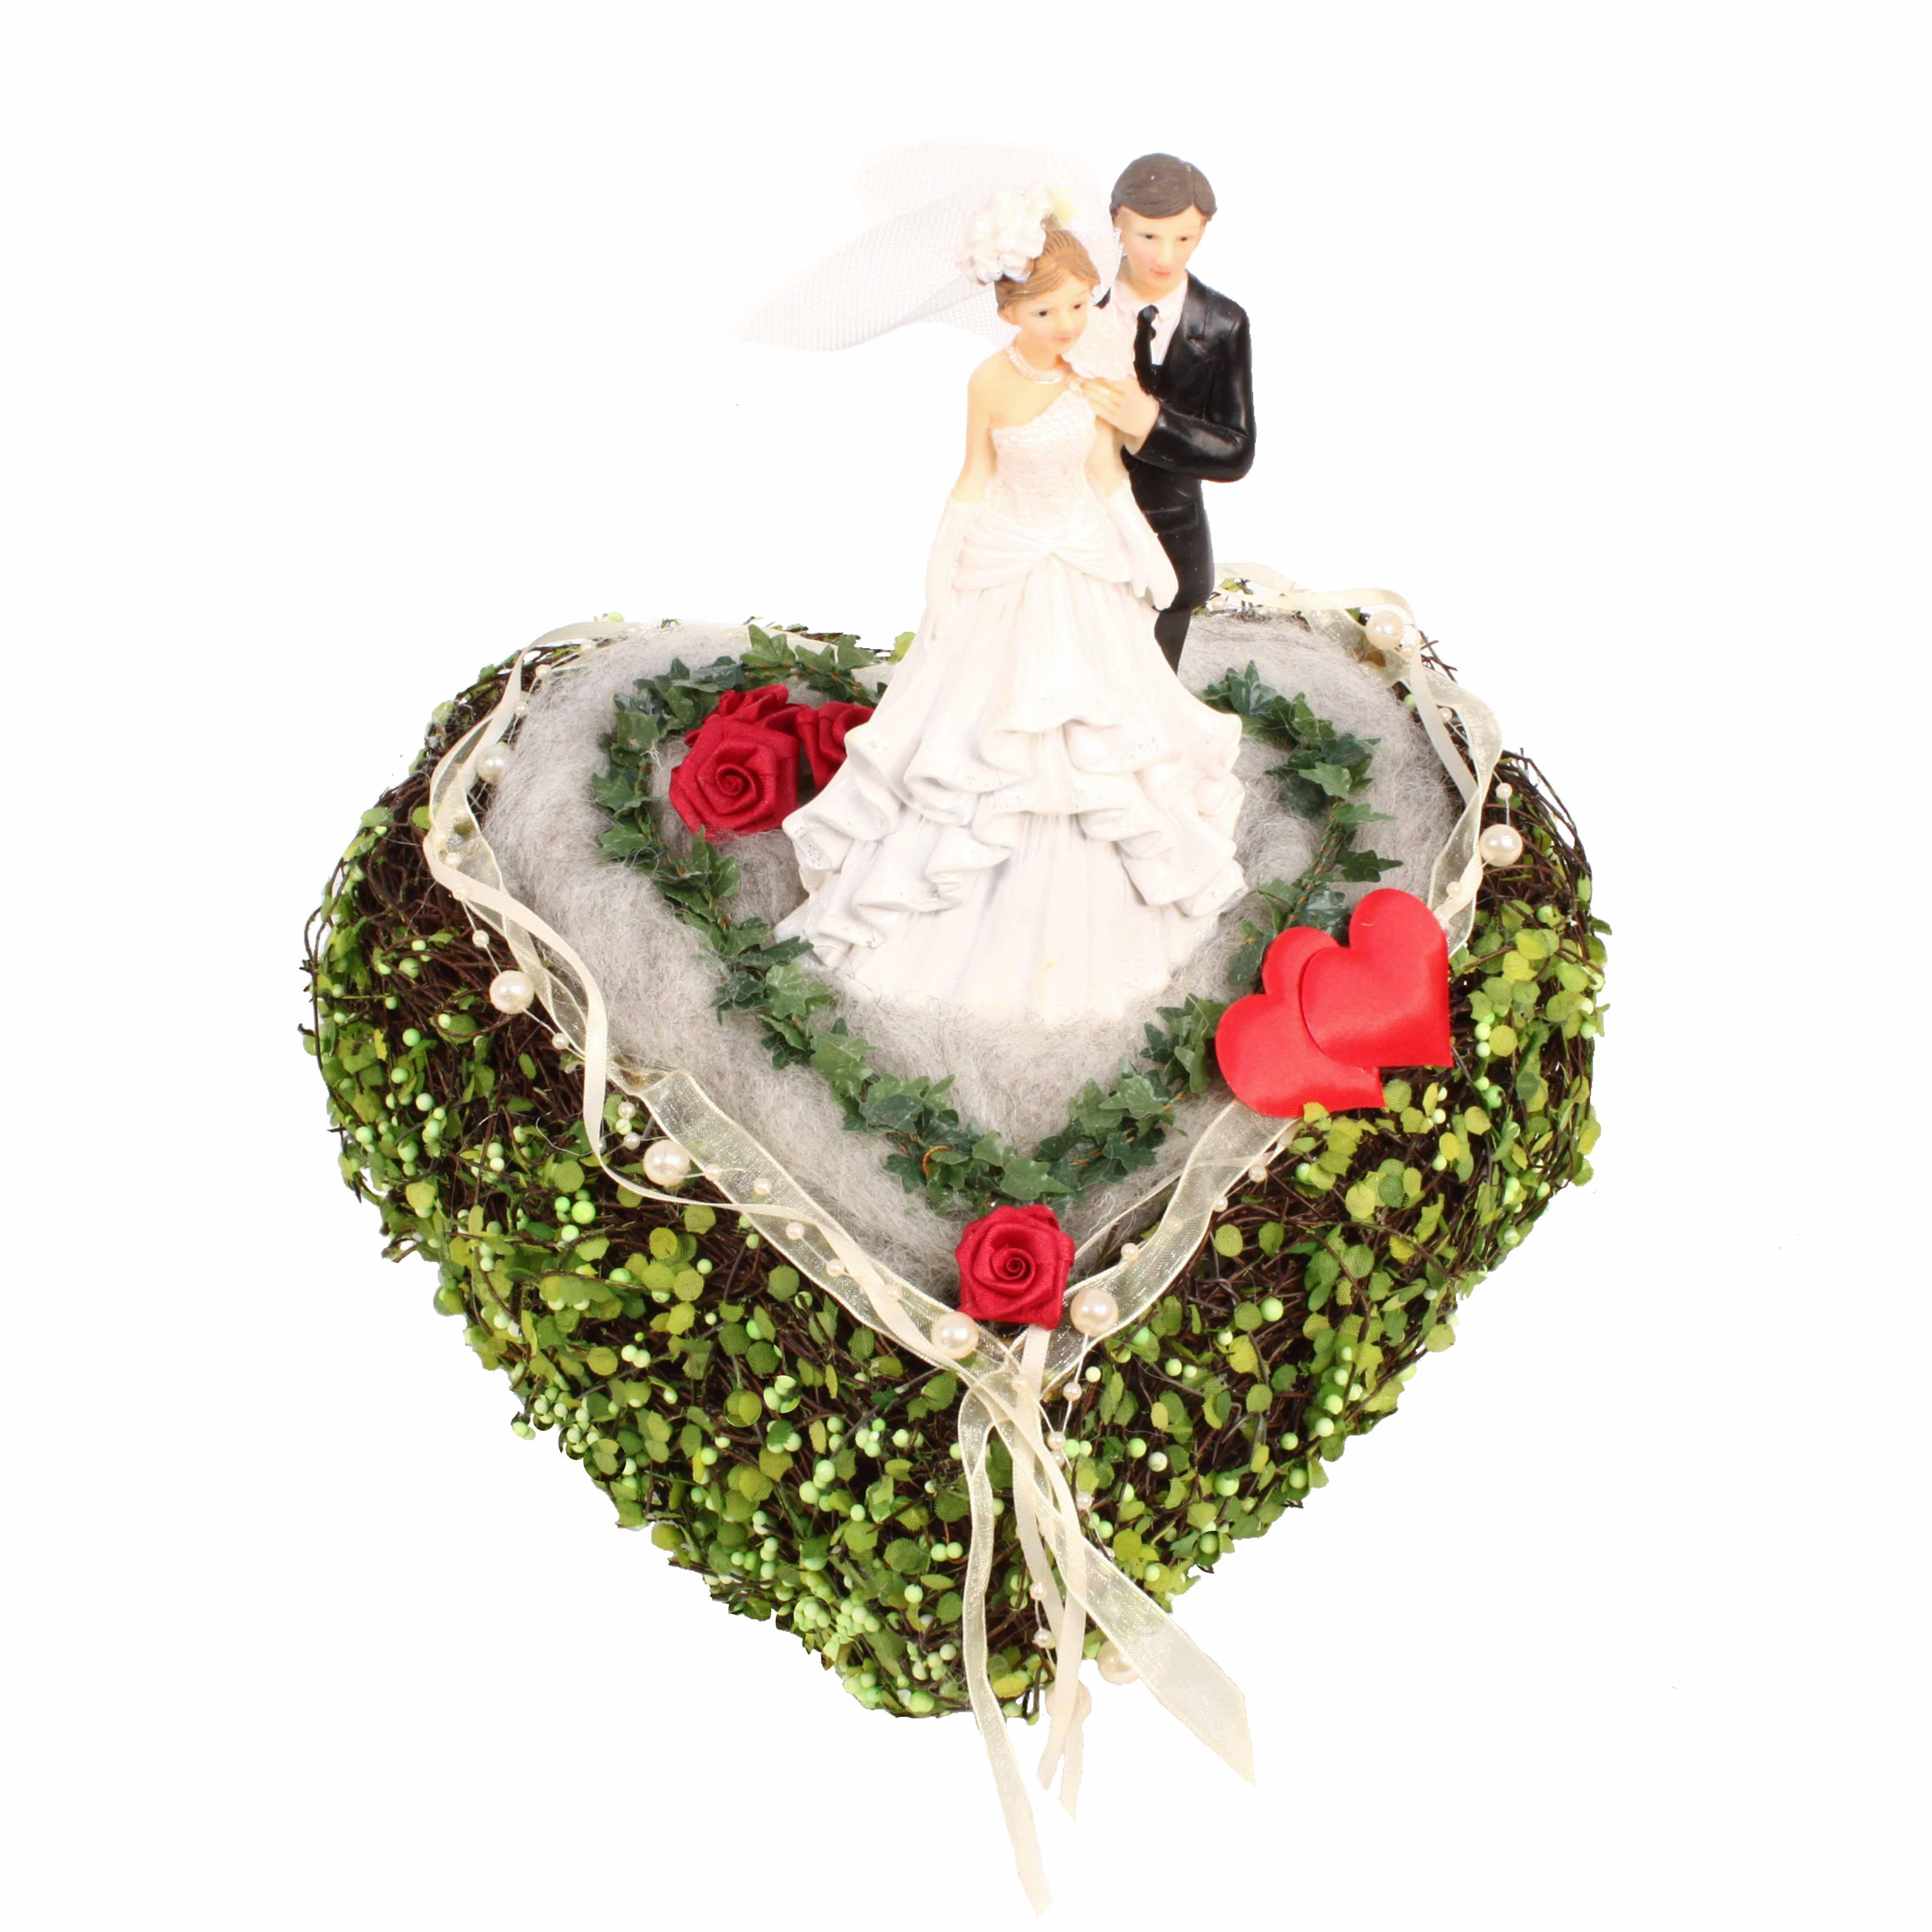 Rebenherz 25 cm Hochzeit Frühling Tischdeko mit Brautpaar